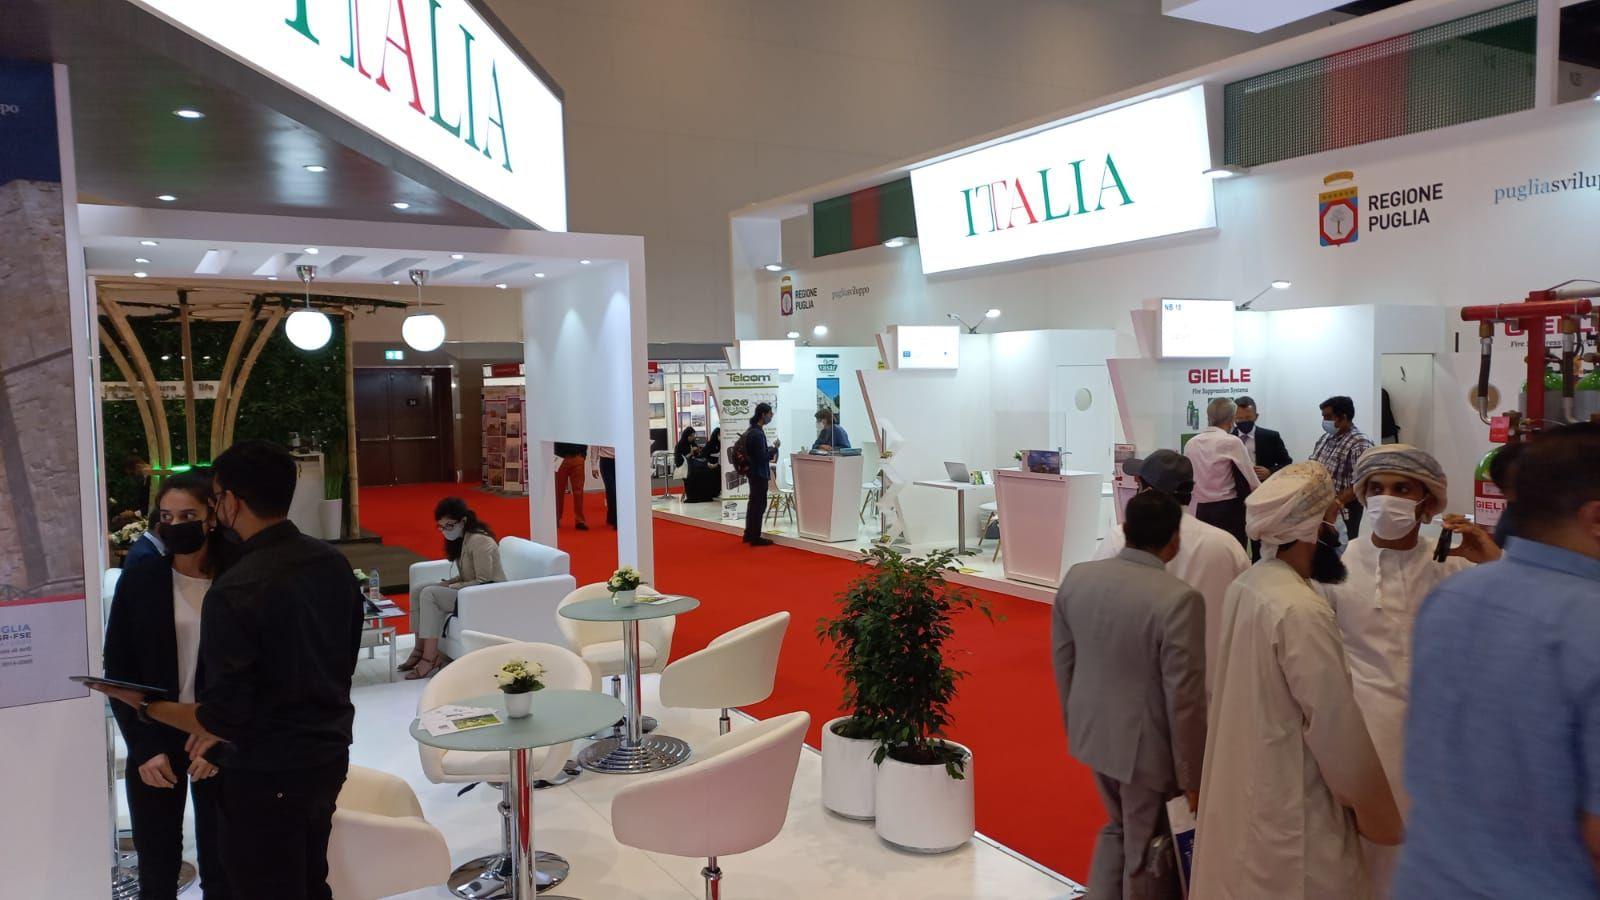 """Verso Expo Dubai. La Puglia della green economy a Wetex 2021. Delli Noci: """"Mercato strategico per la Puglia. Nel 2021 esportazioni pugliesi in crescita del 16% in Medio Oriente e Nord Africa"""""""